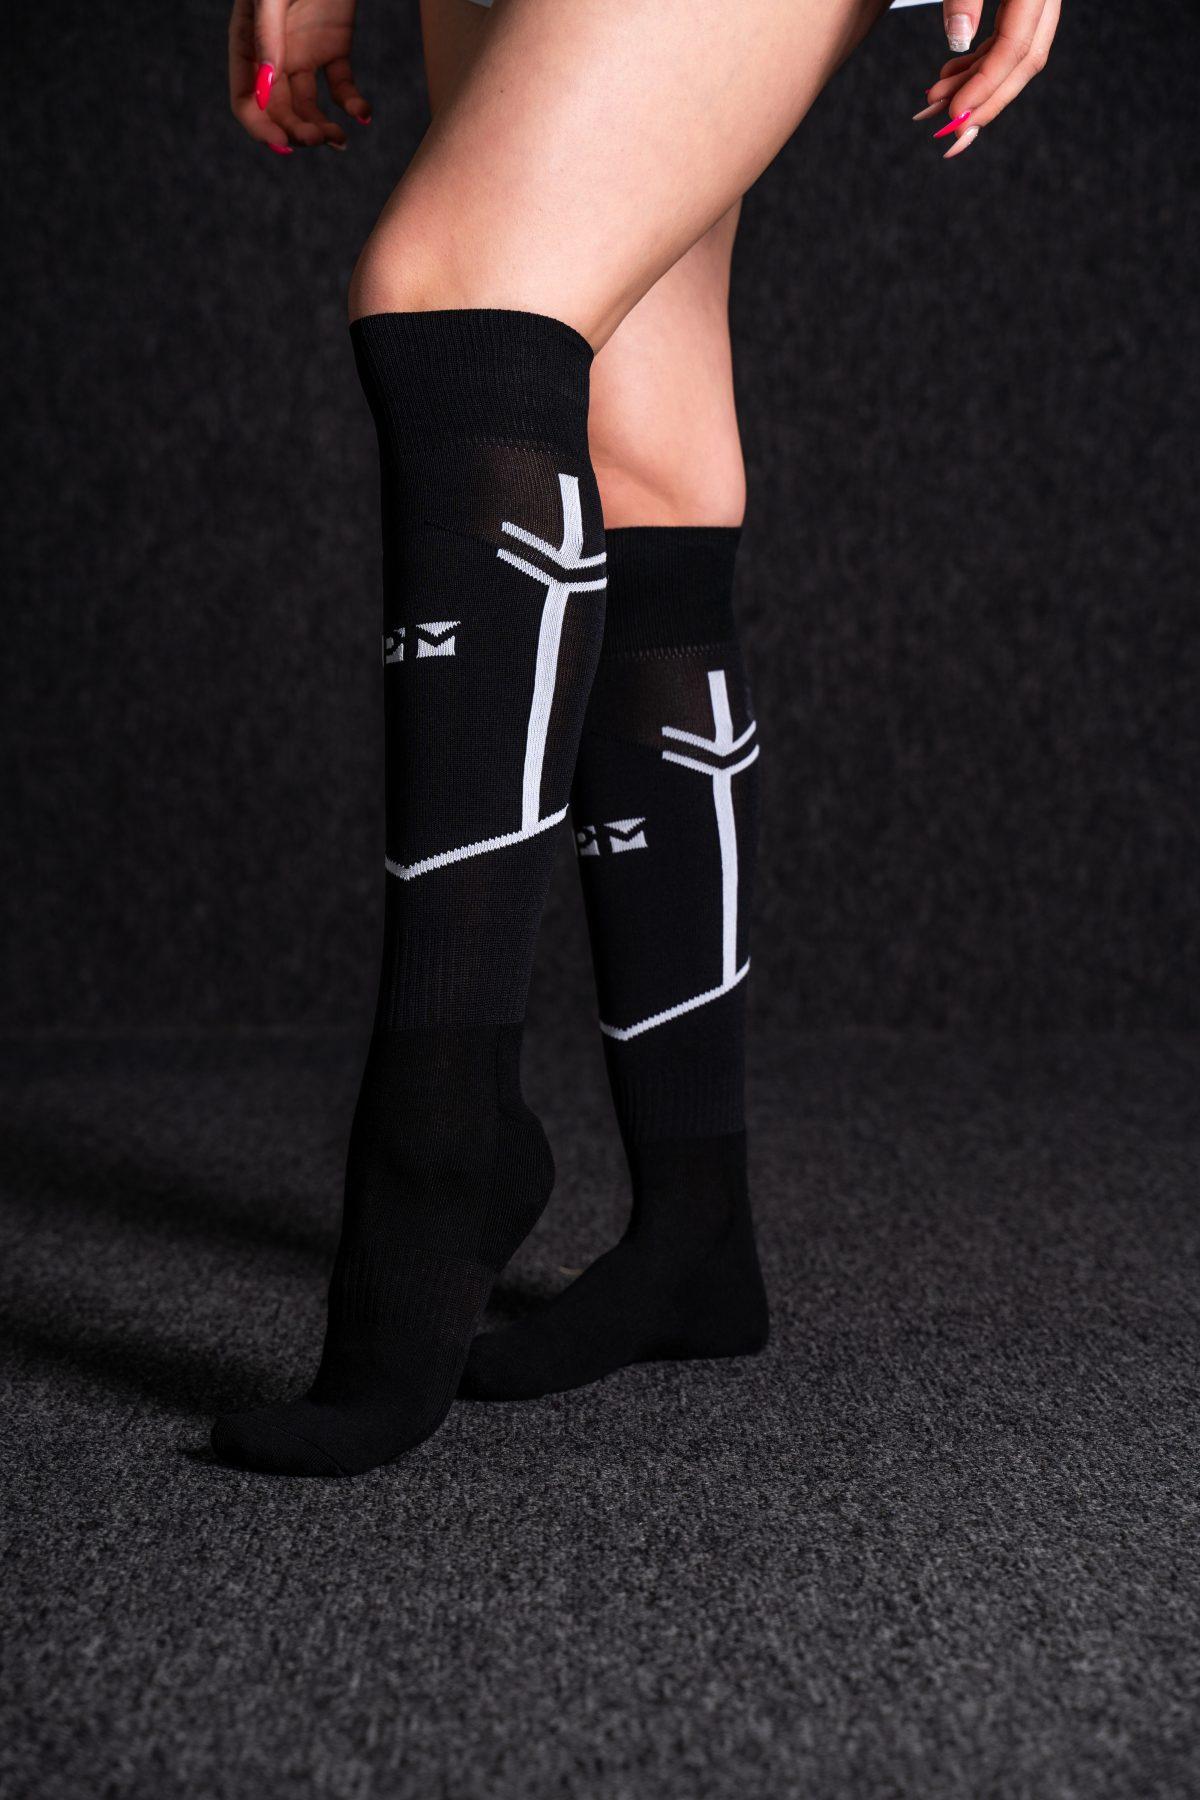 PM powerlifting socks